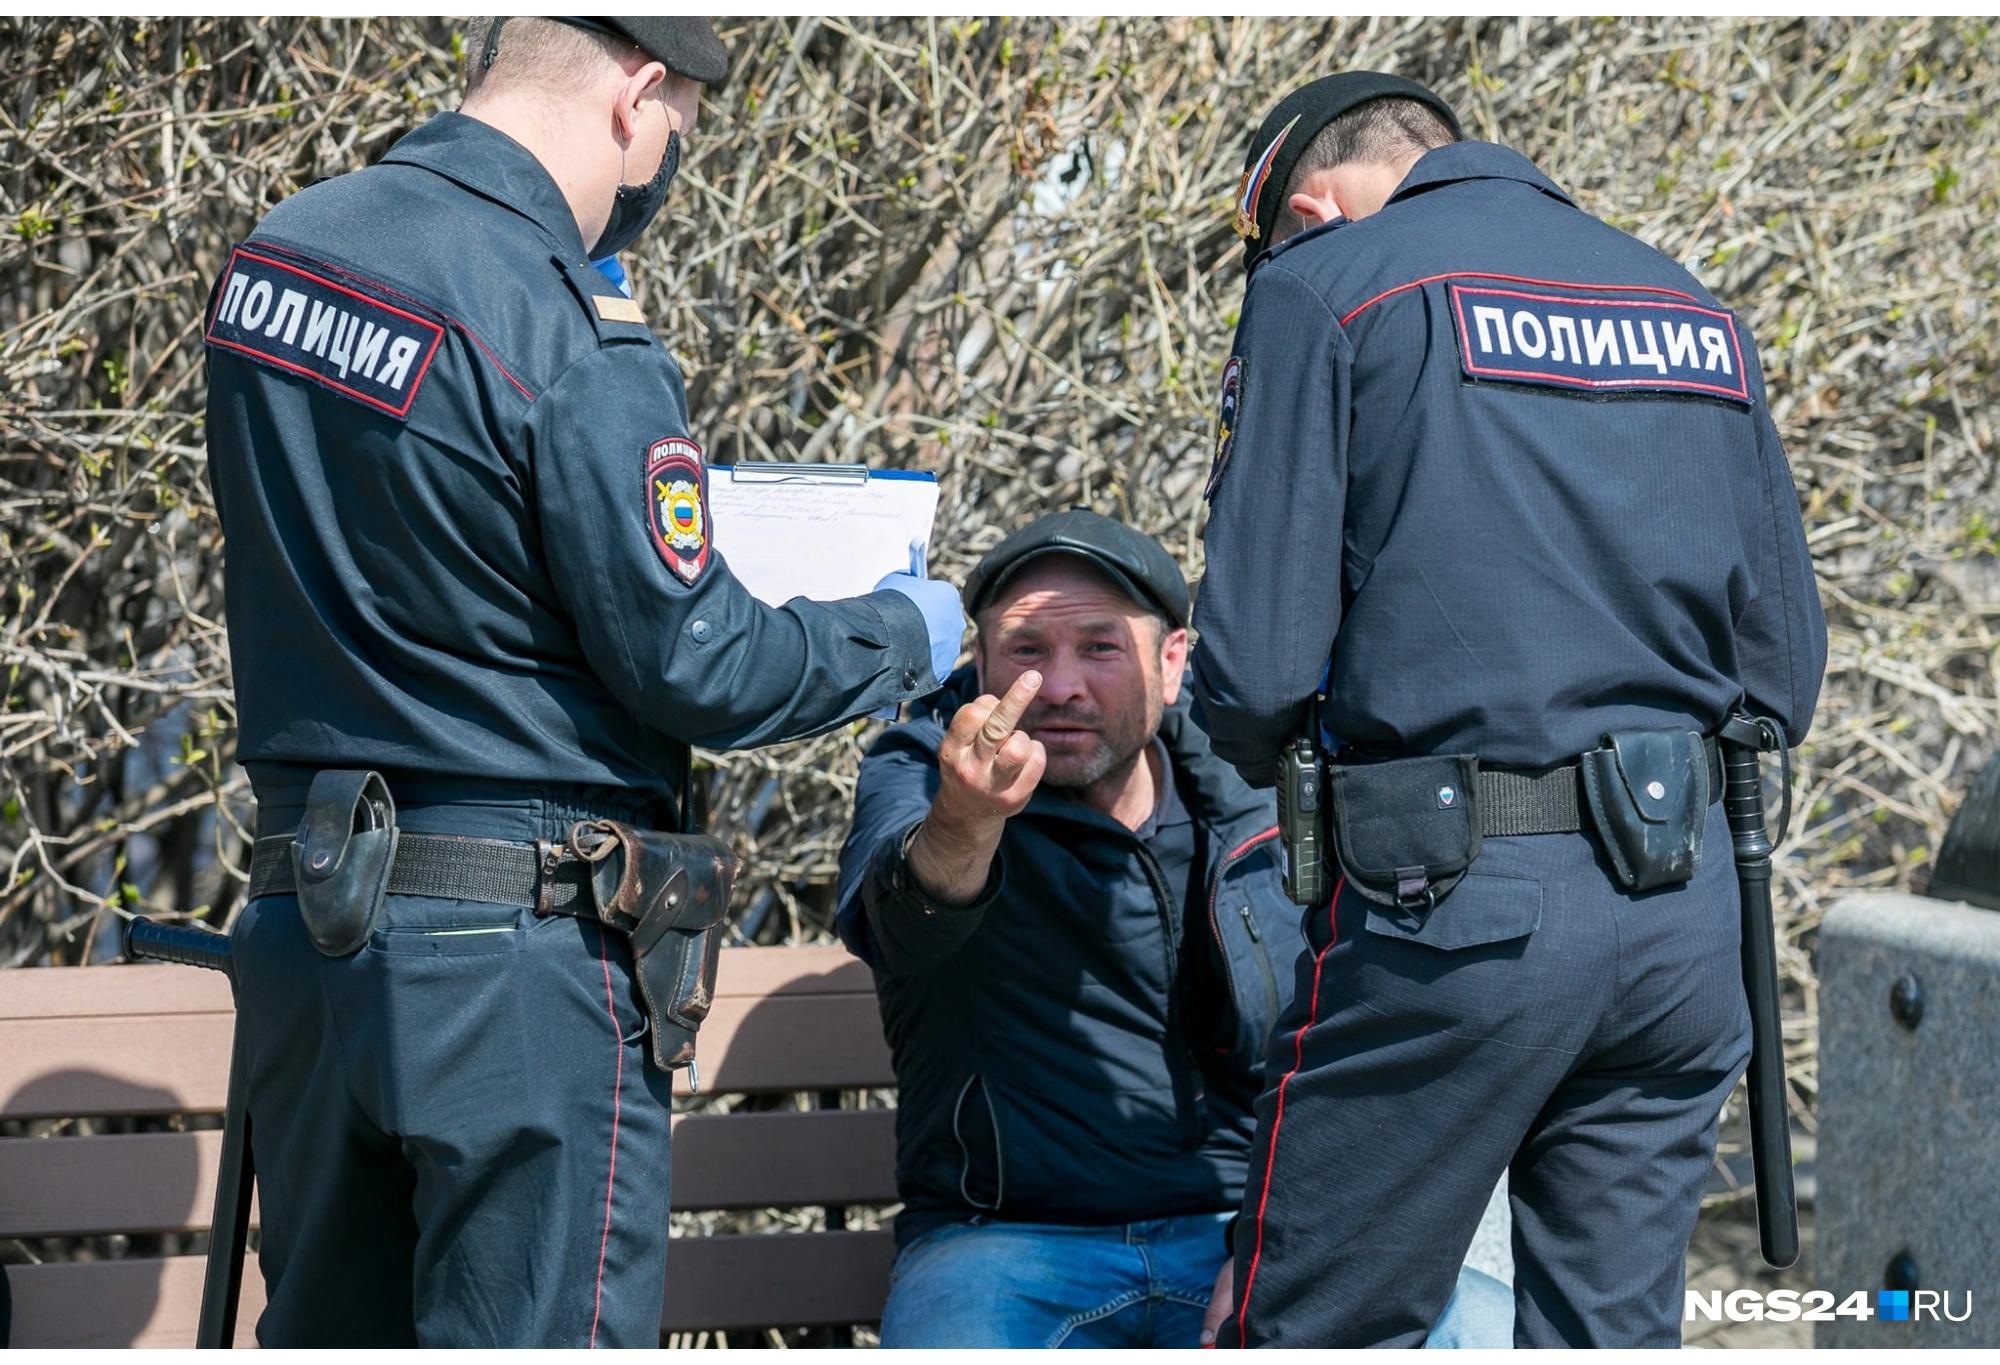 Перенесемся в Красноярск: обычный масочный рейд на Театральной площади и наглядный протест антимасочника